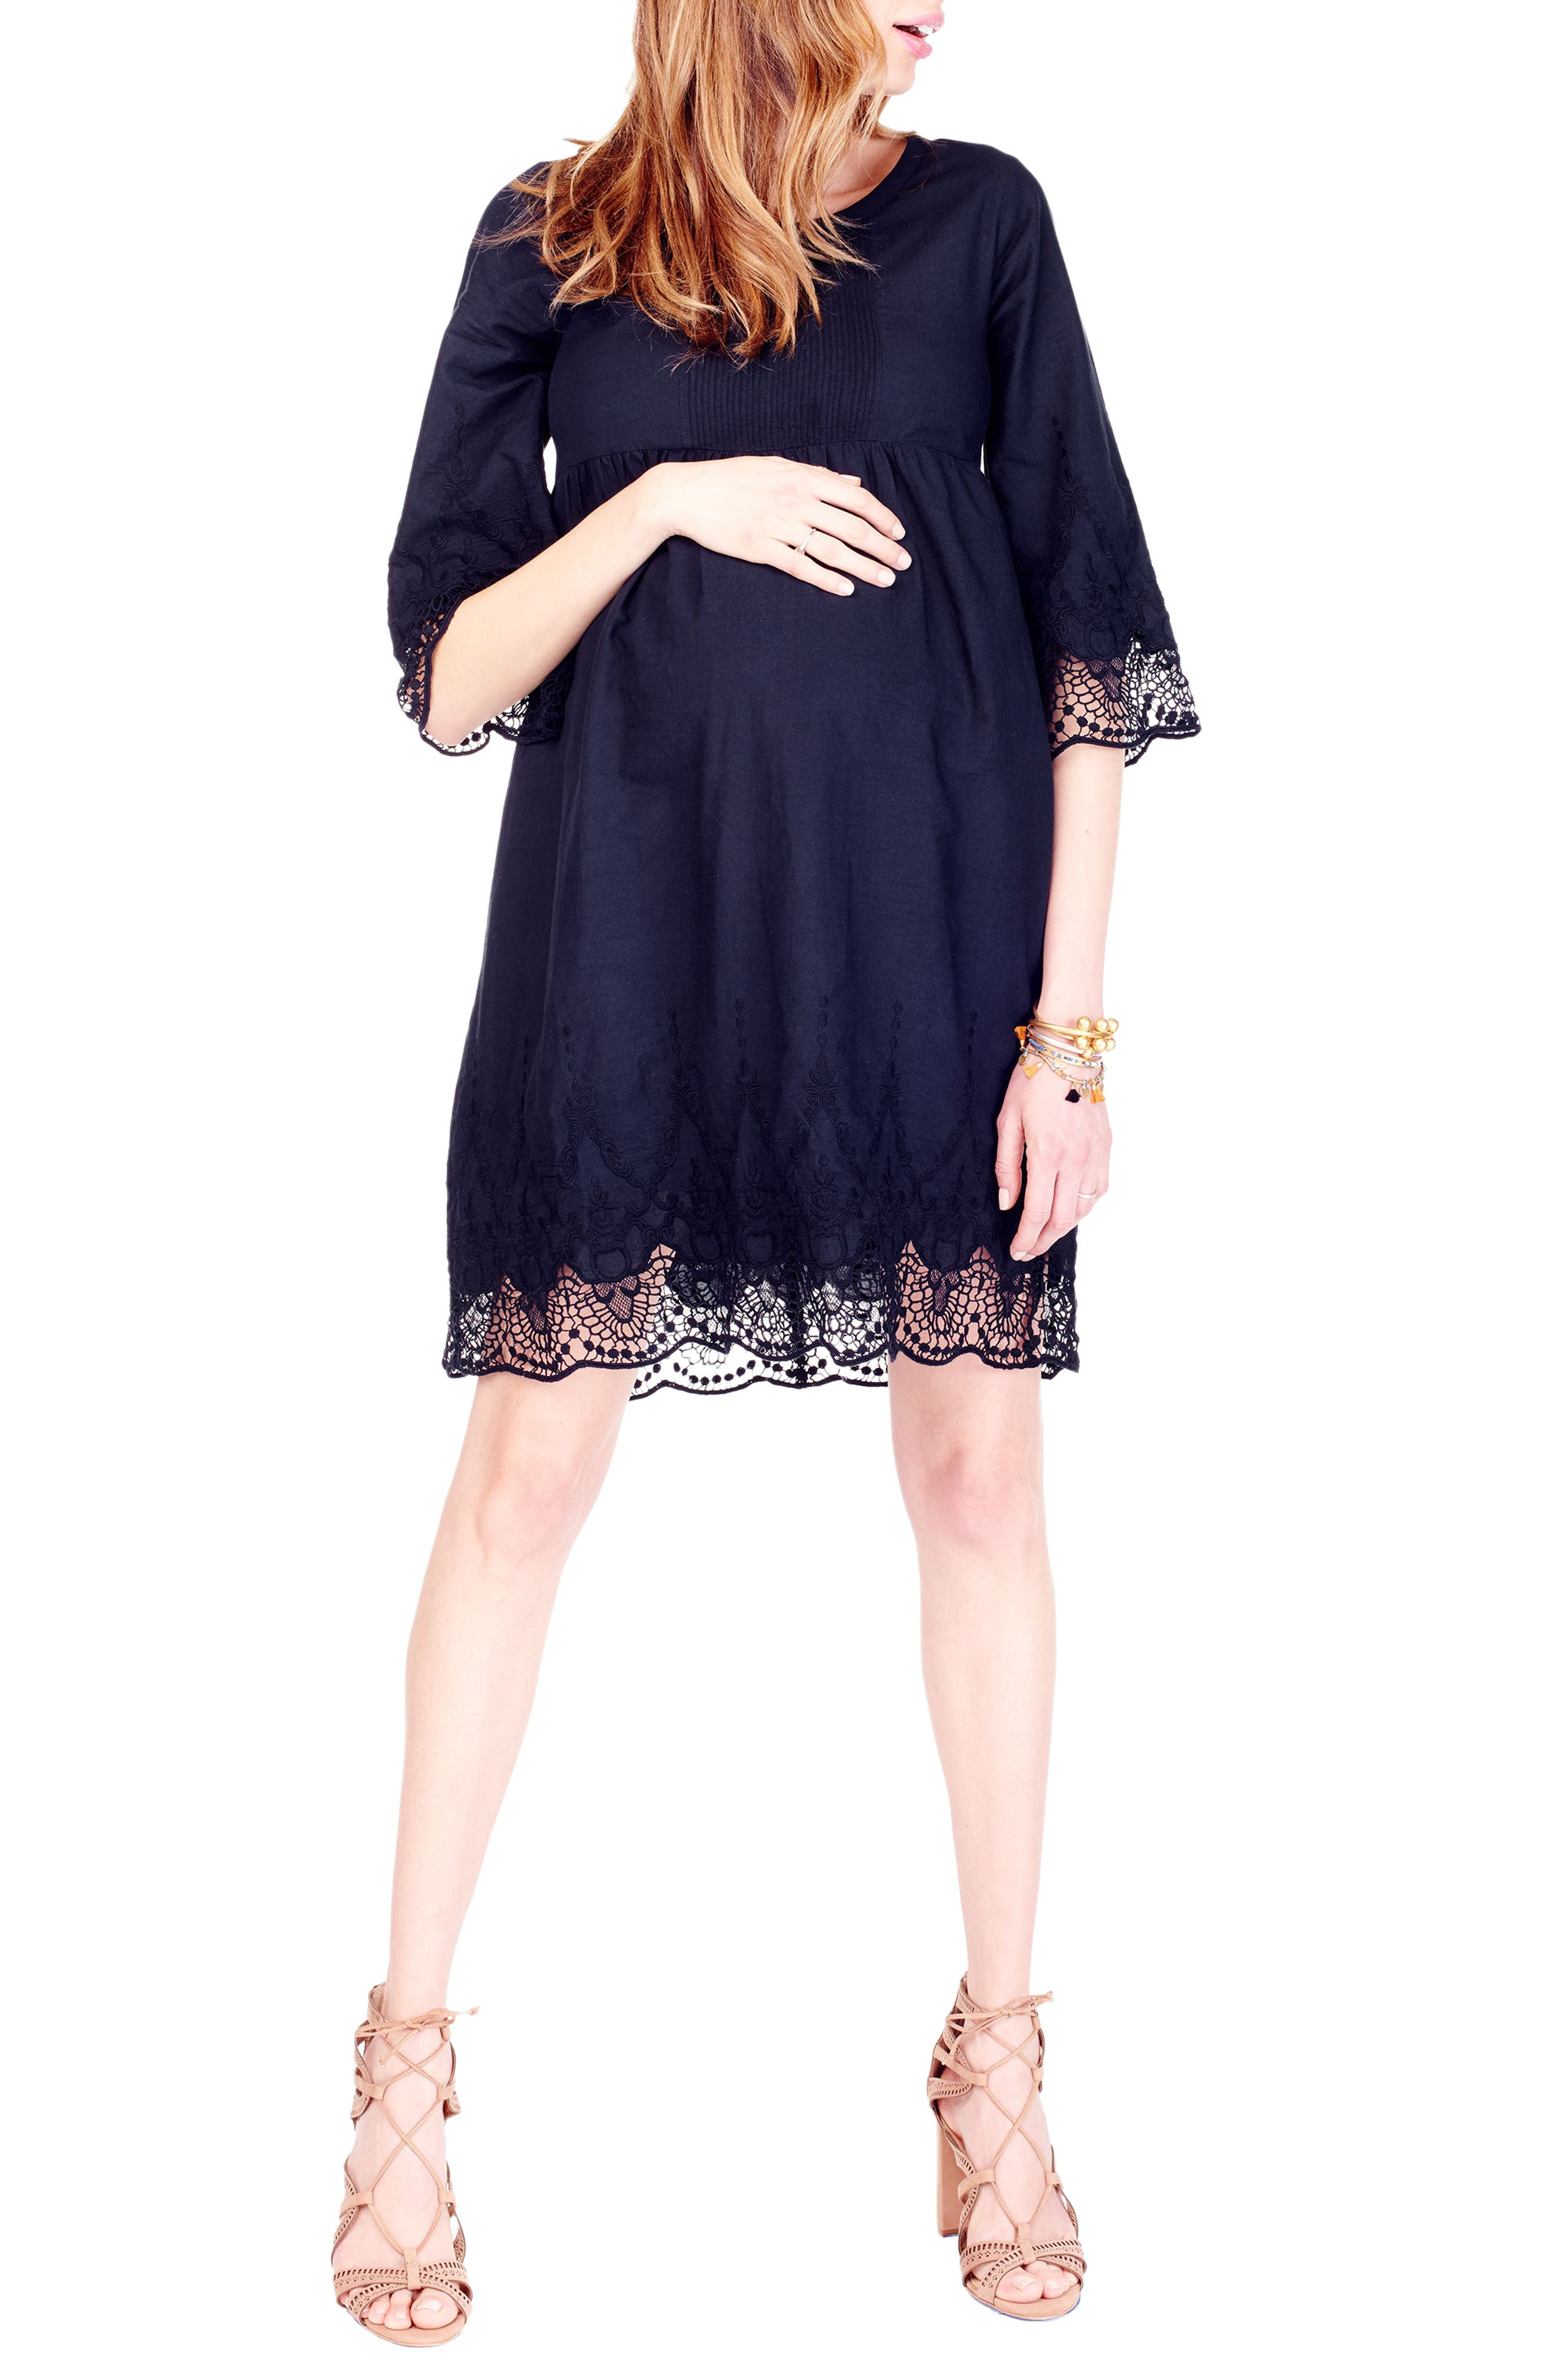 Lace Trim Maternity Dress,                         Main,                         color, 001